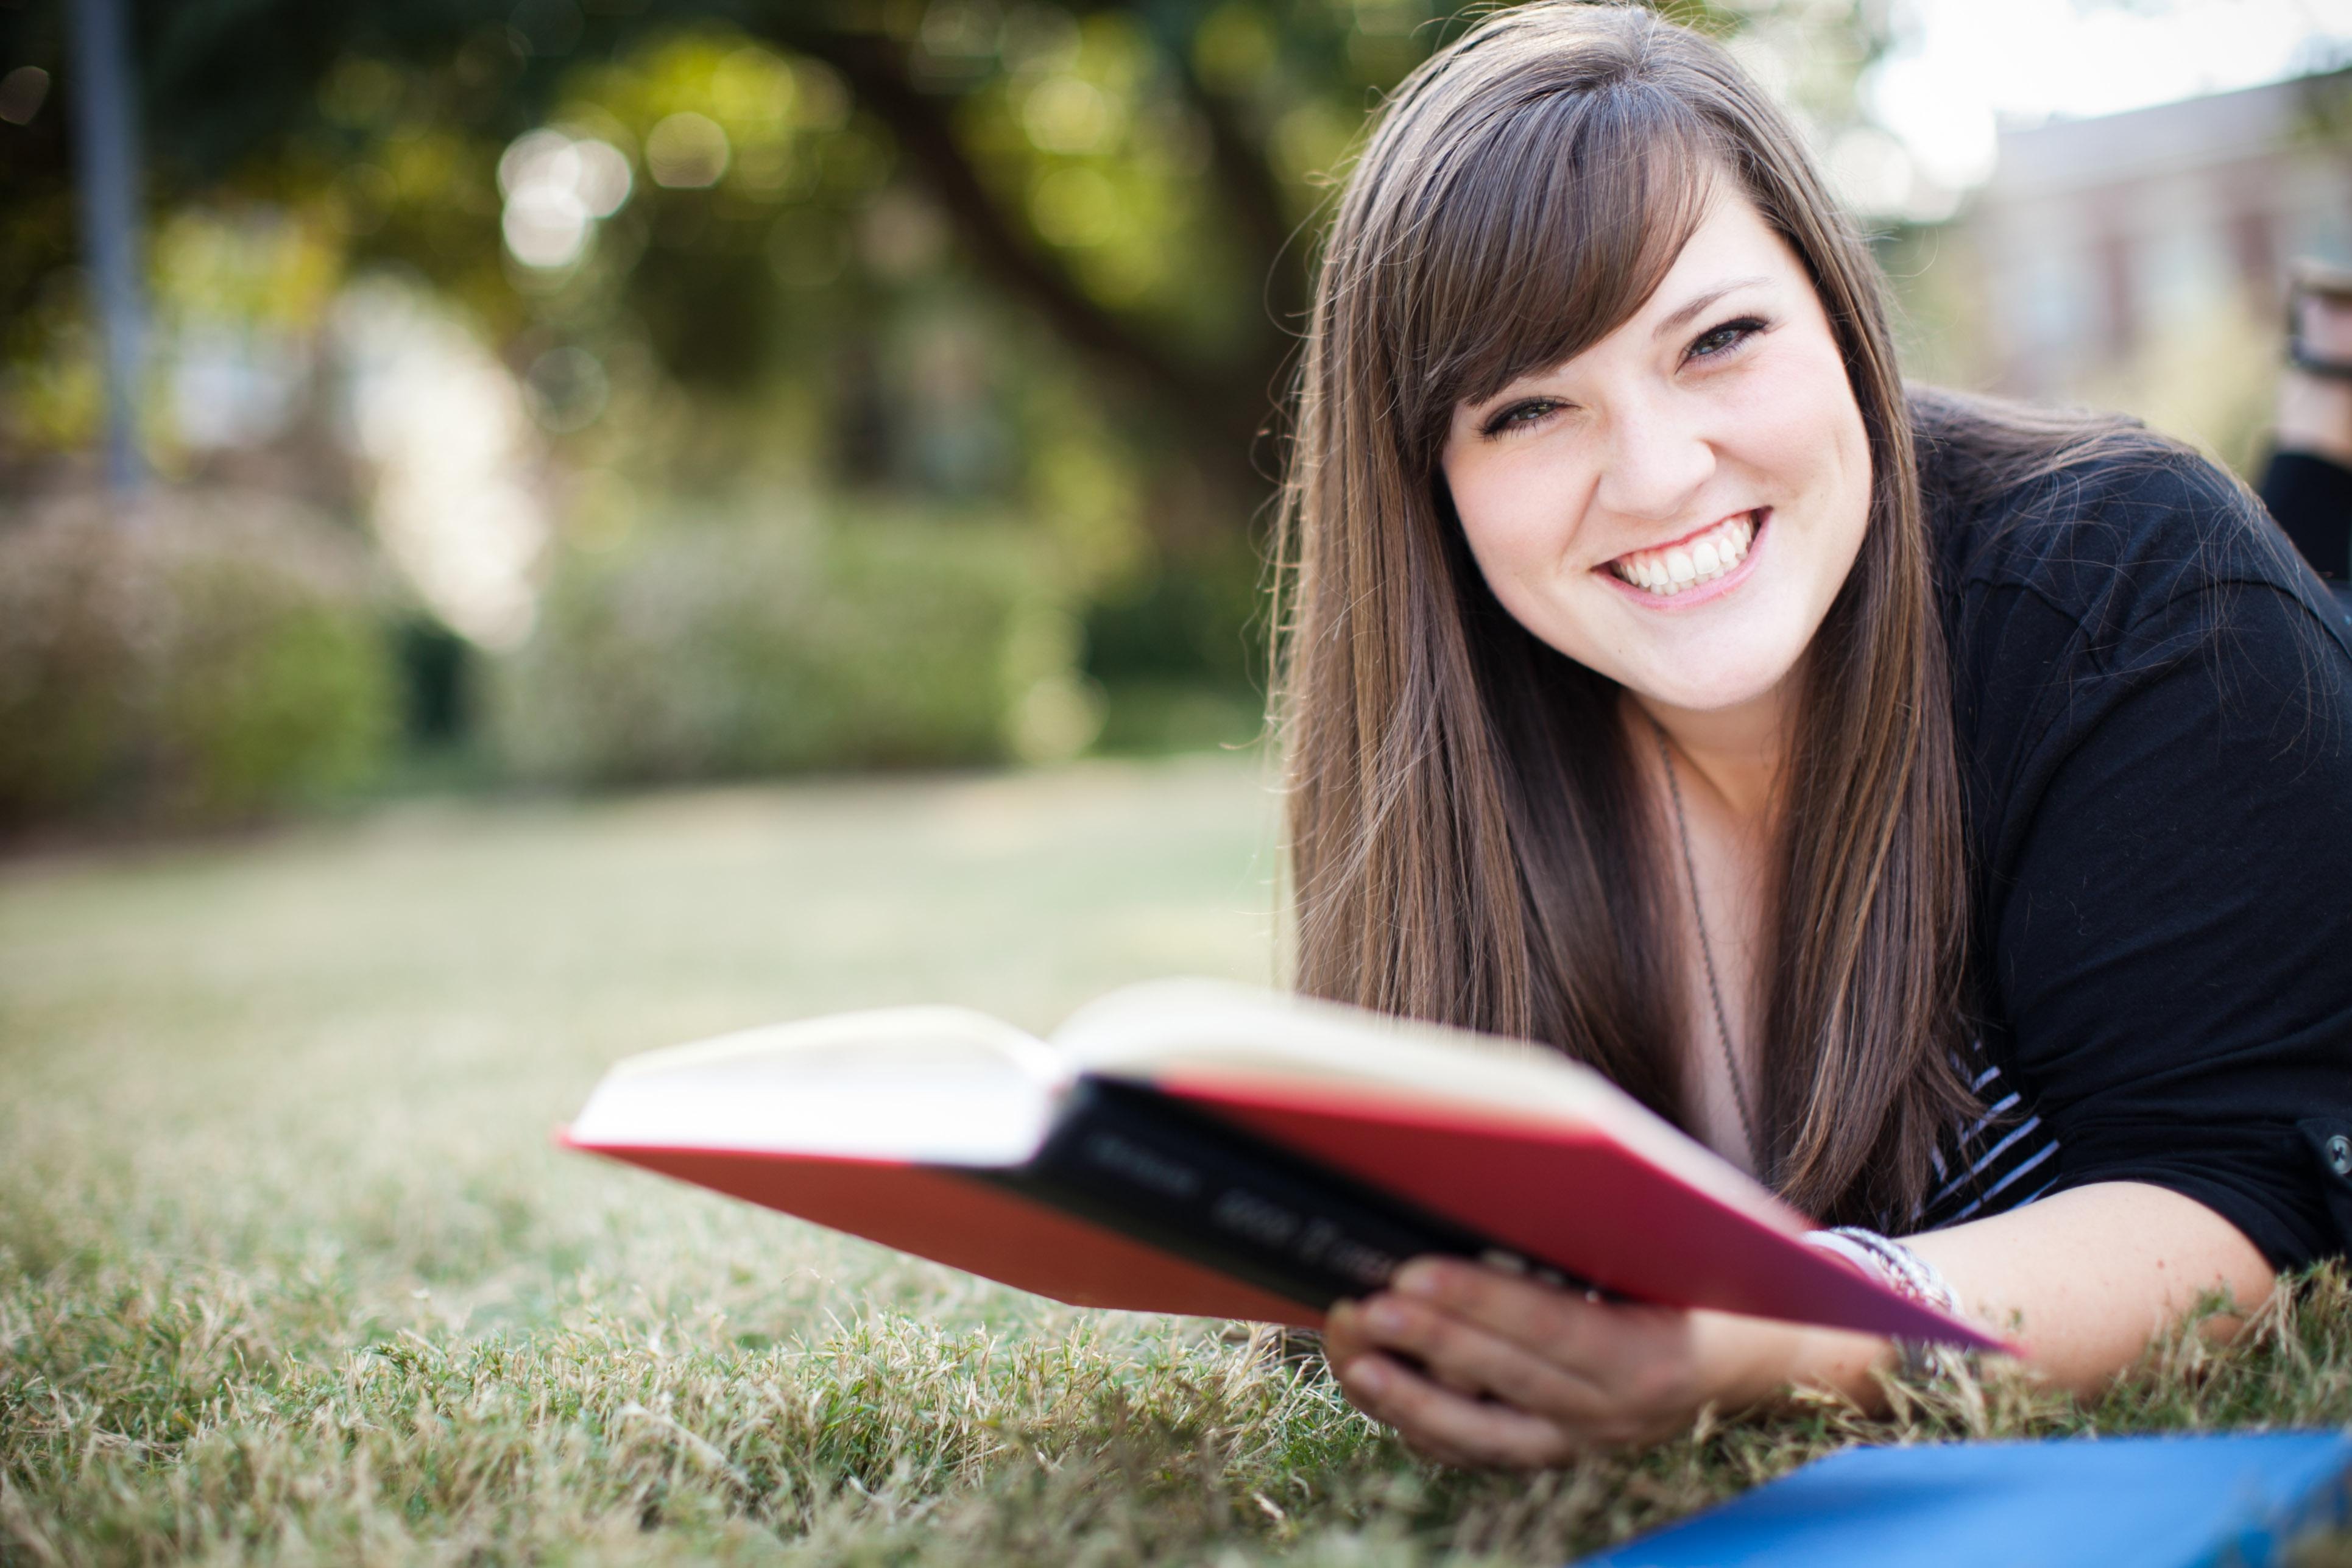 Descubren porque leer es bueno para el cerebro